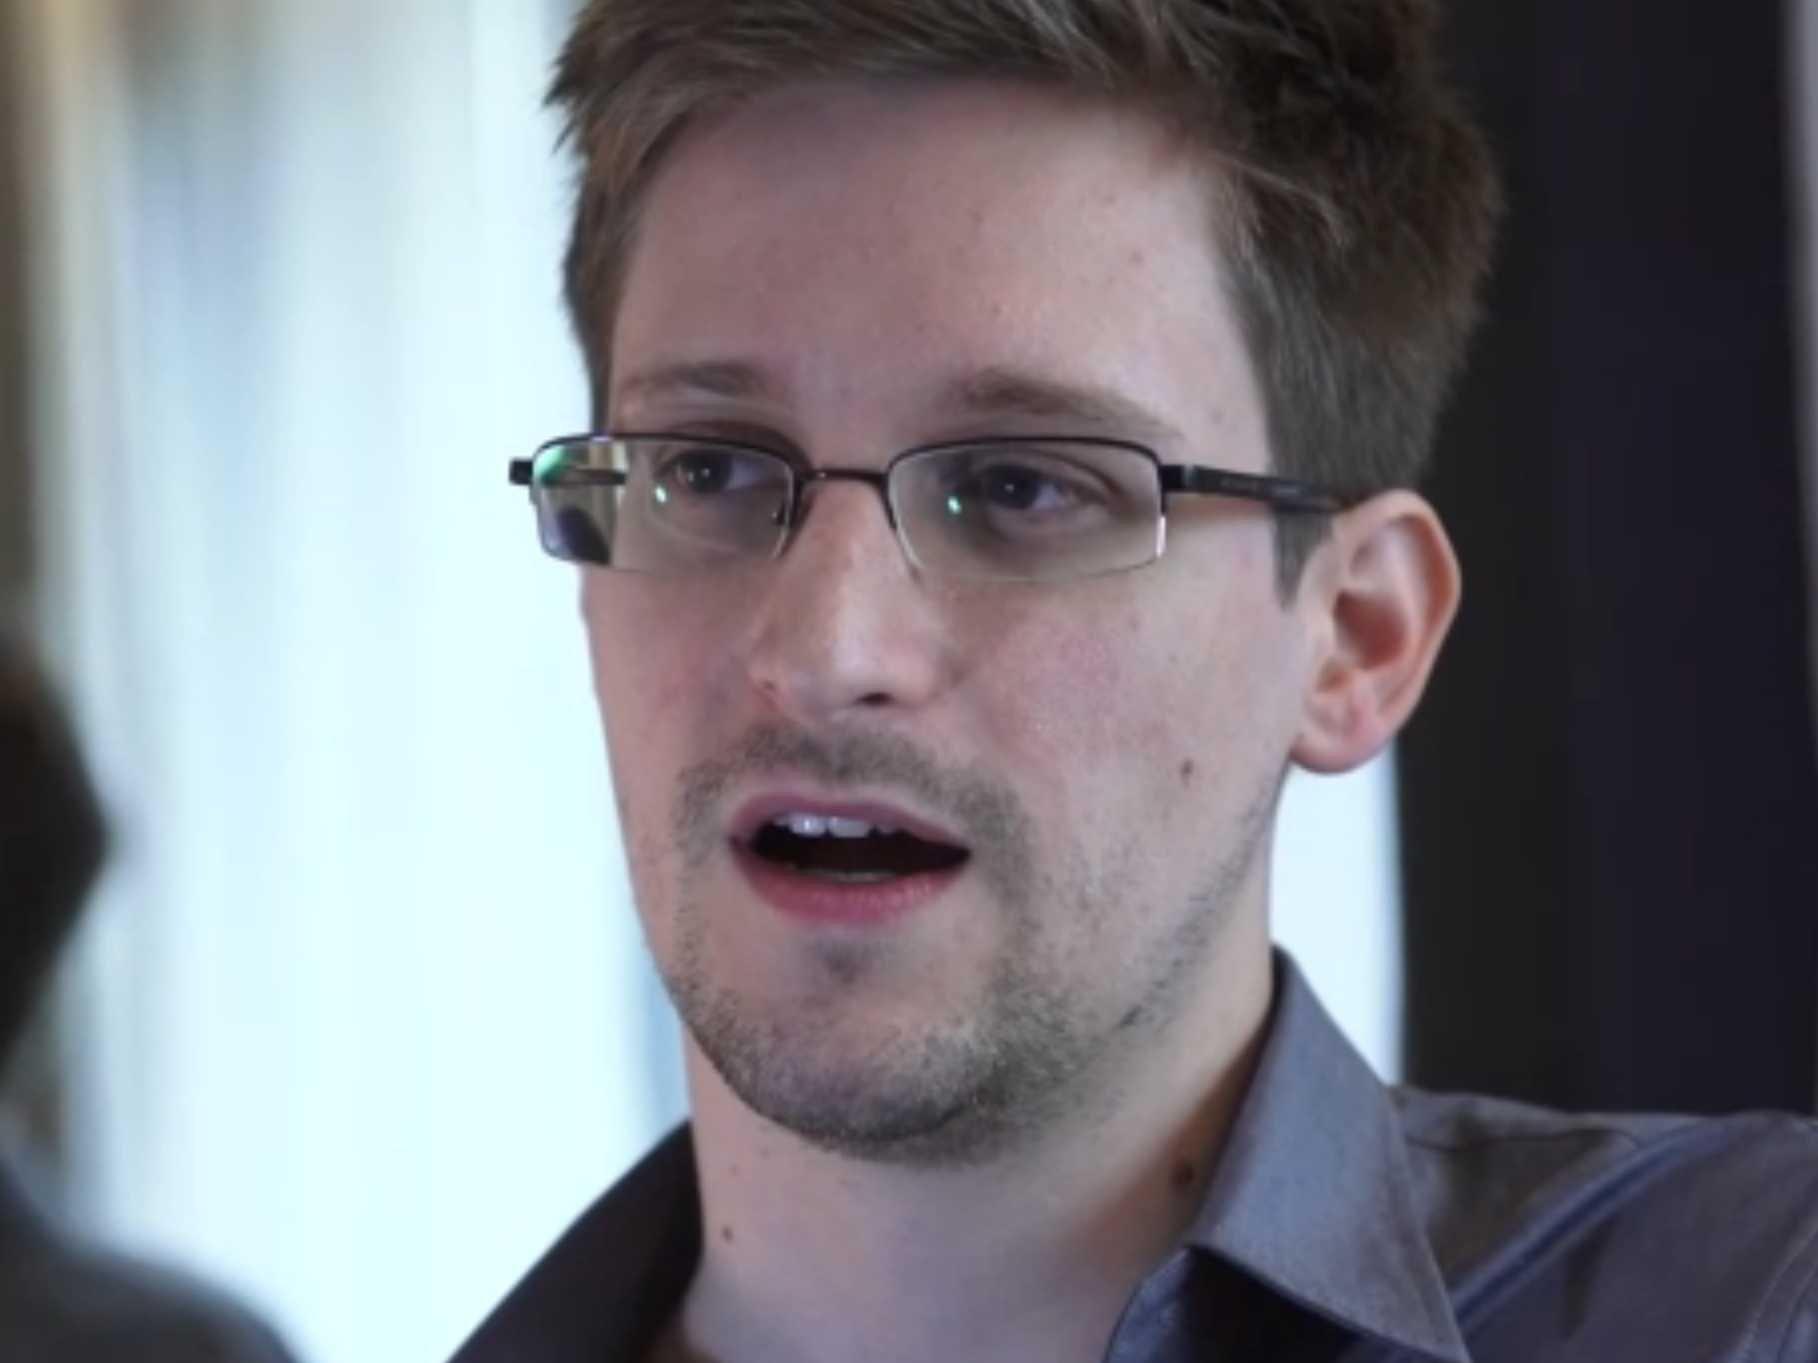 Responsable de filtración sobre espionaje en EEUU abandona hotel en Hong Kong